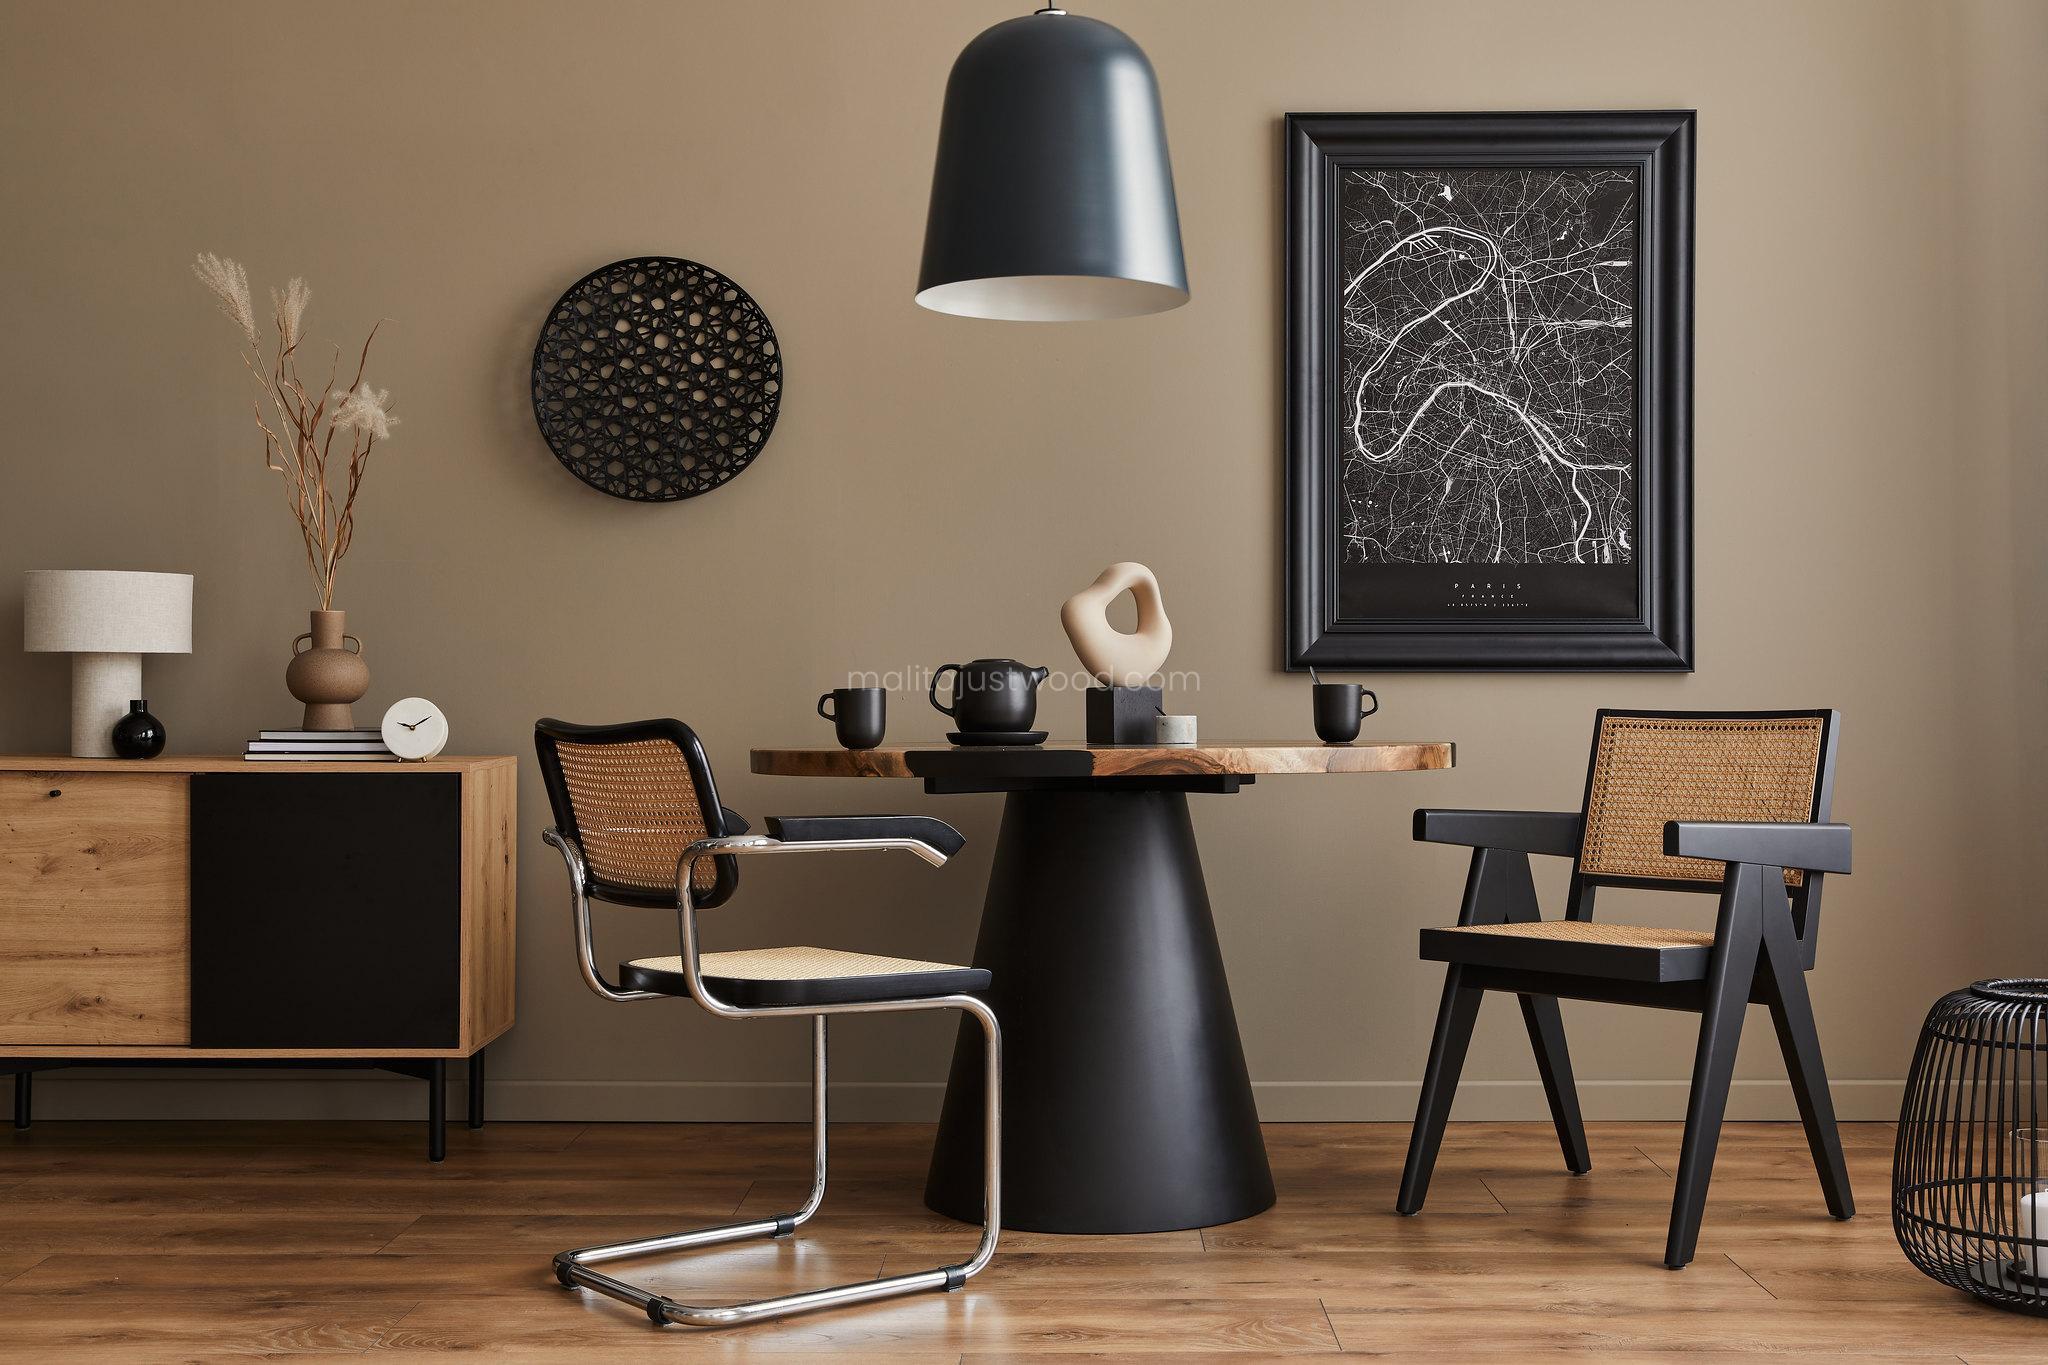 Inspiracje - drewniany stół i czarne akcenty, czrerń i drewno